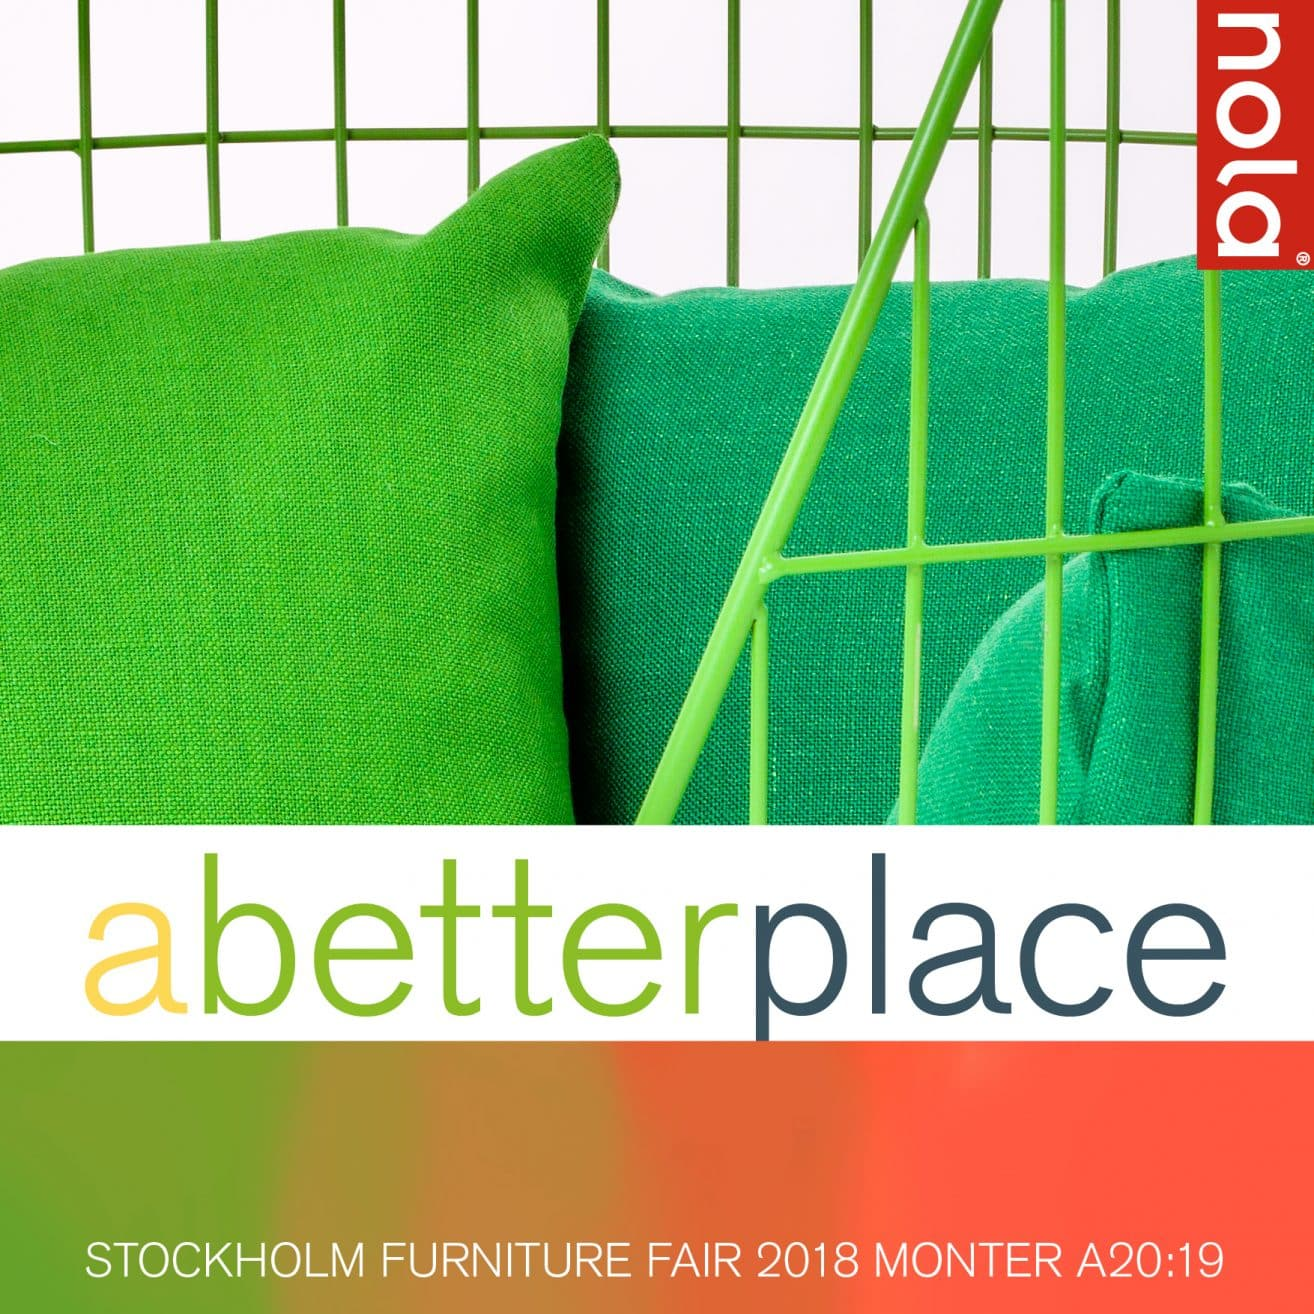 A better place – Nola @ Stockholm Furniture Fair 2018